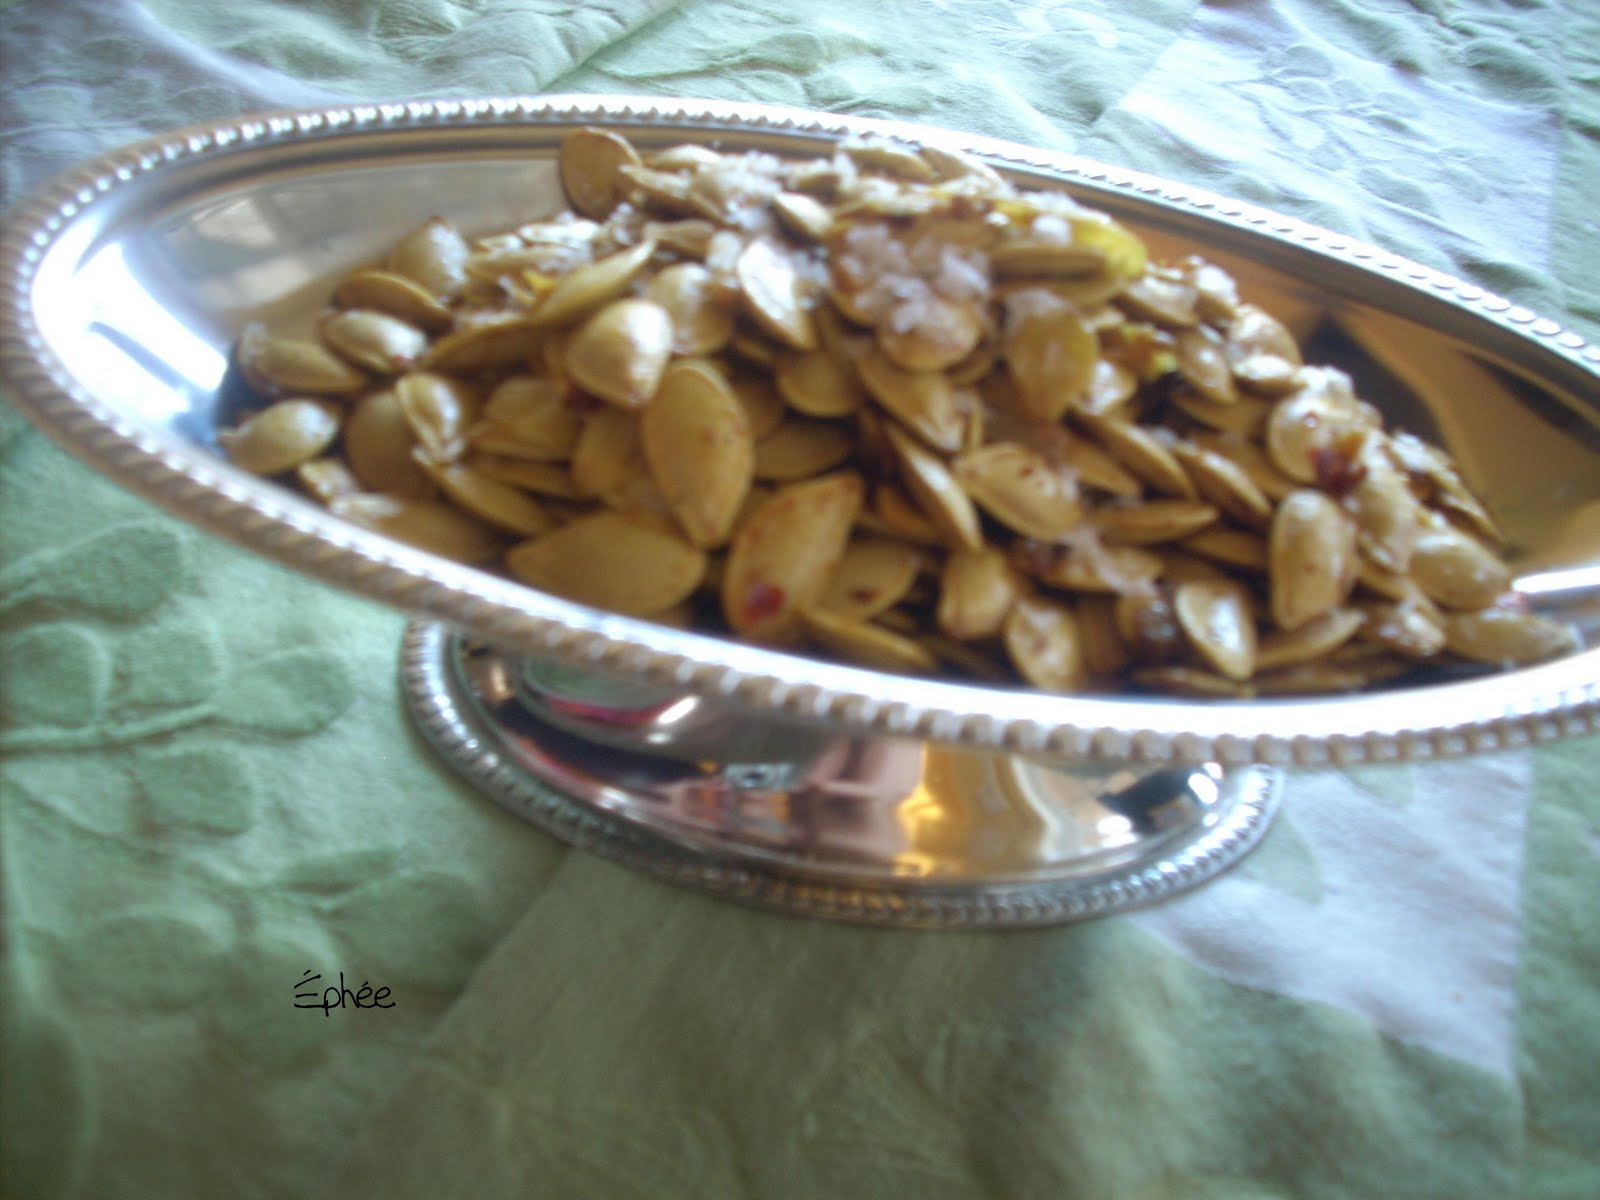 Graines de citrouille la po le - Graines de potimarron grillees a la poele ...